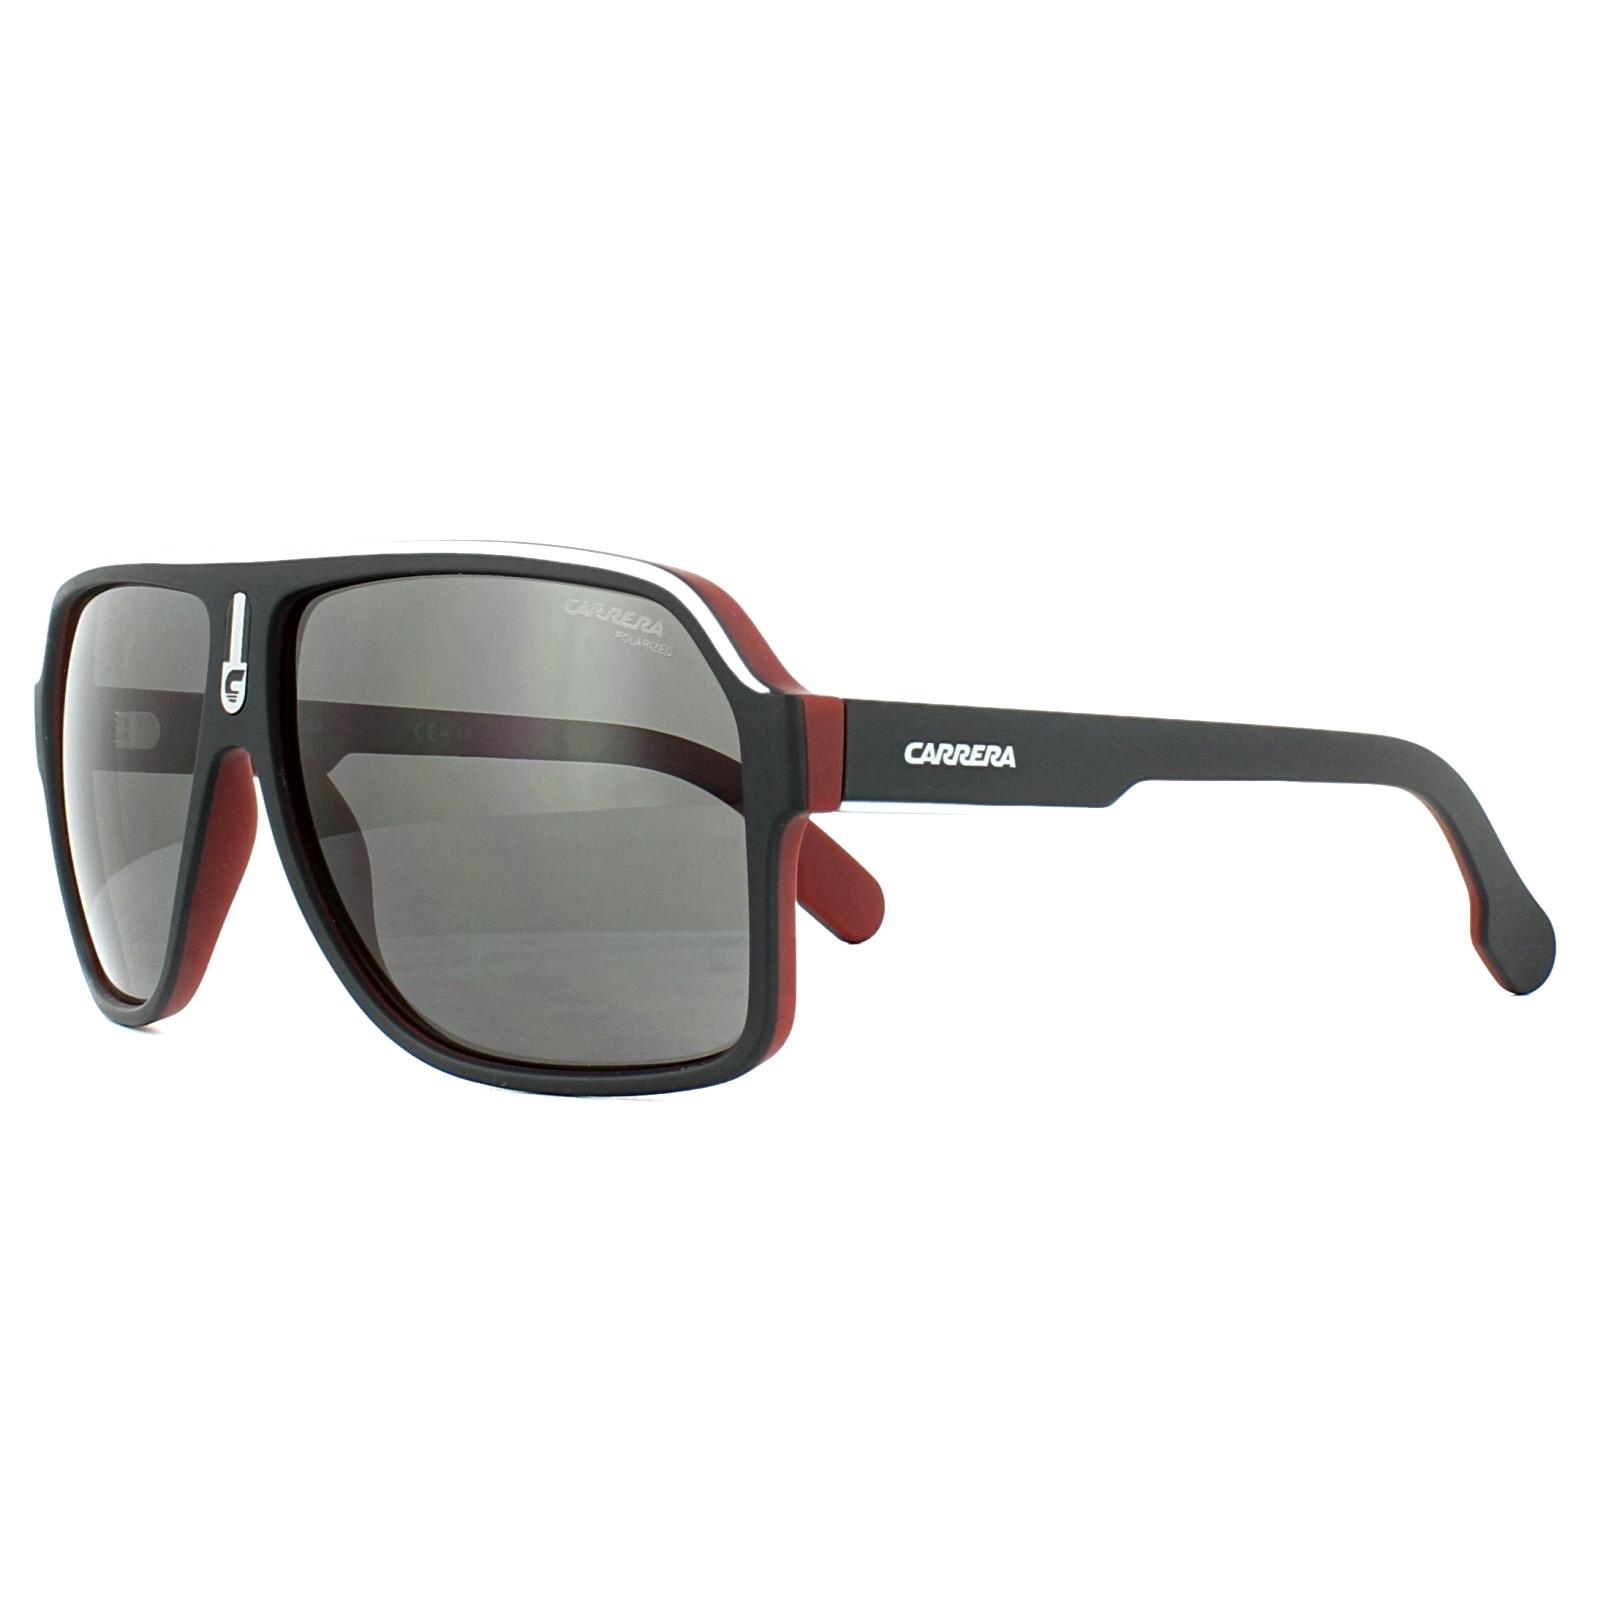 7b36a1d0e86 Sentinel Carrera Sunglasses 1001 S BLX M9 Black Silver Red Grey Polarized